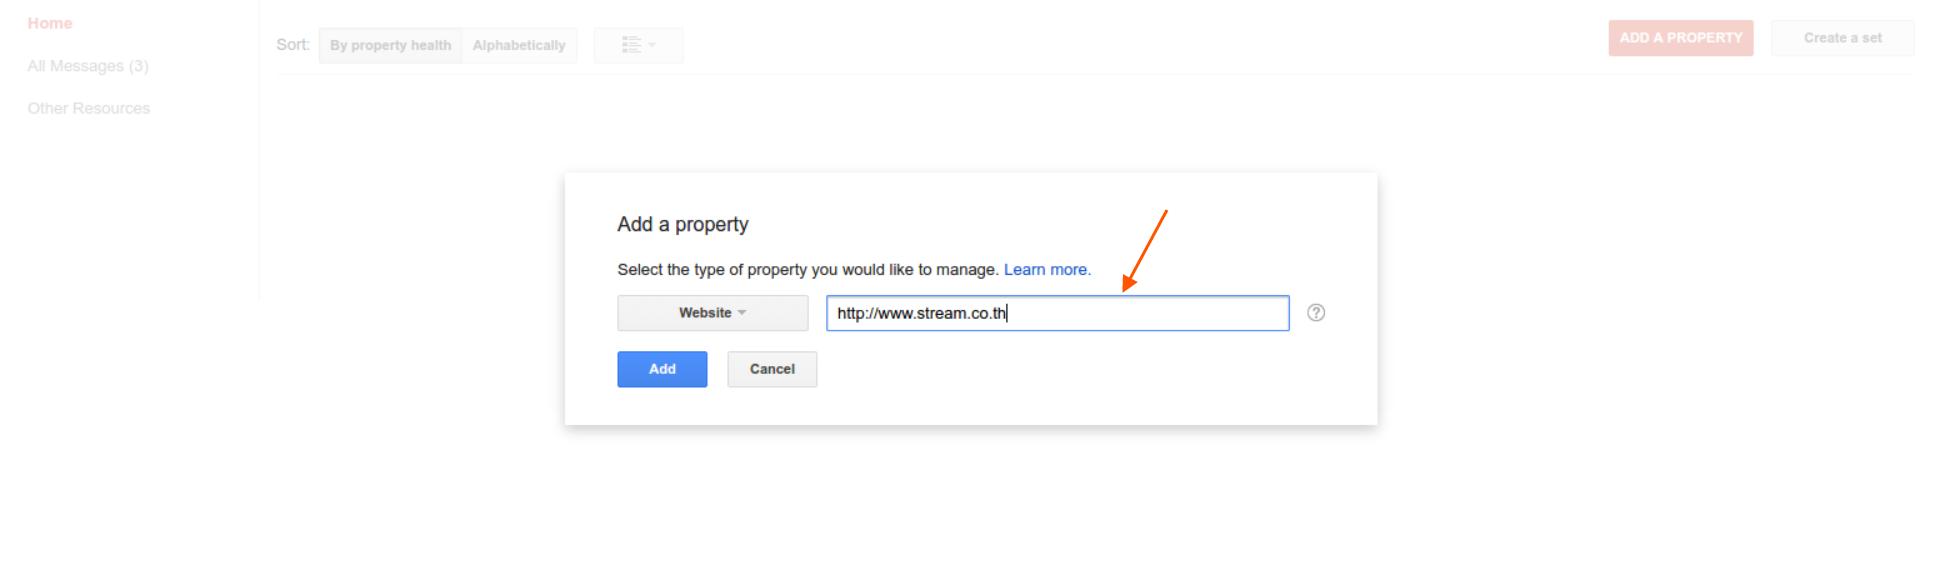 Add property URL